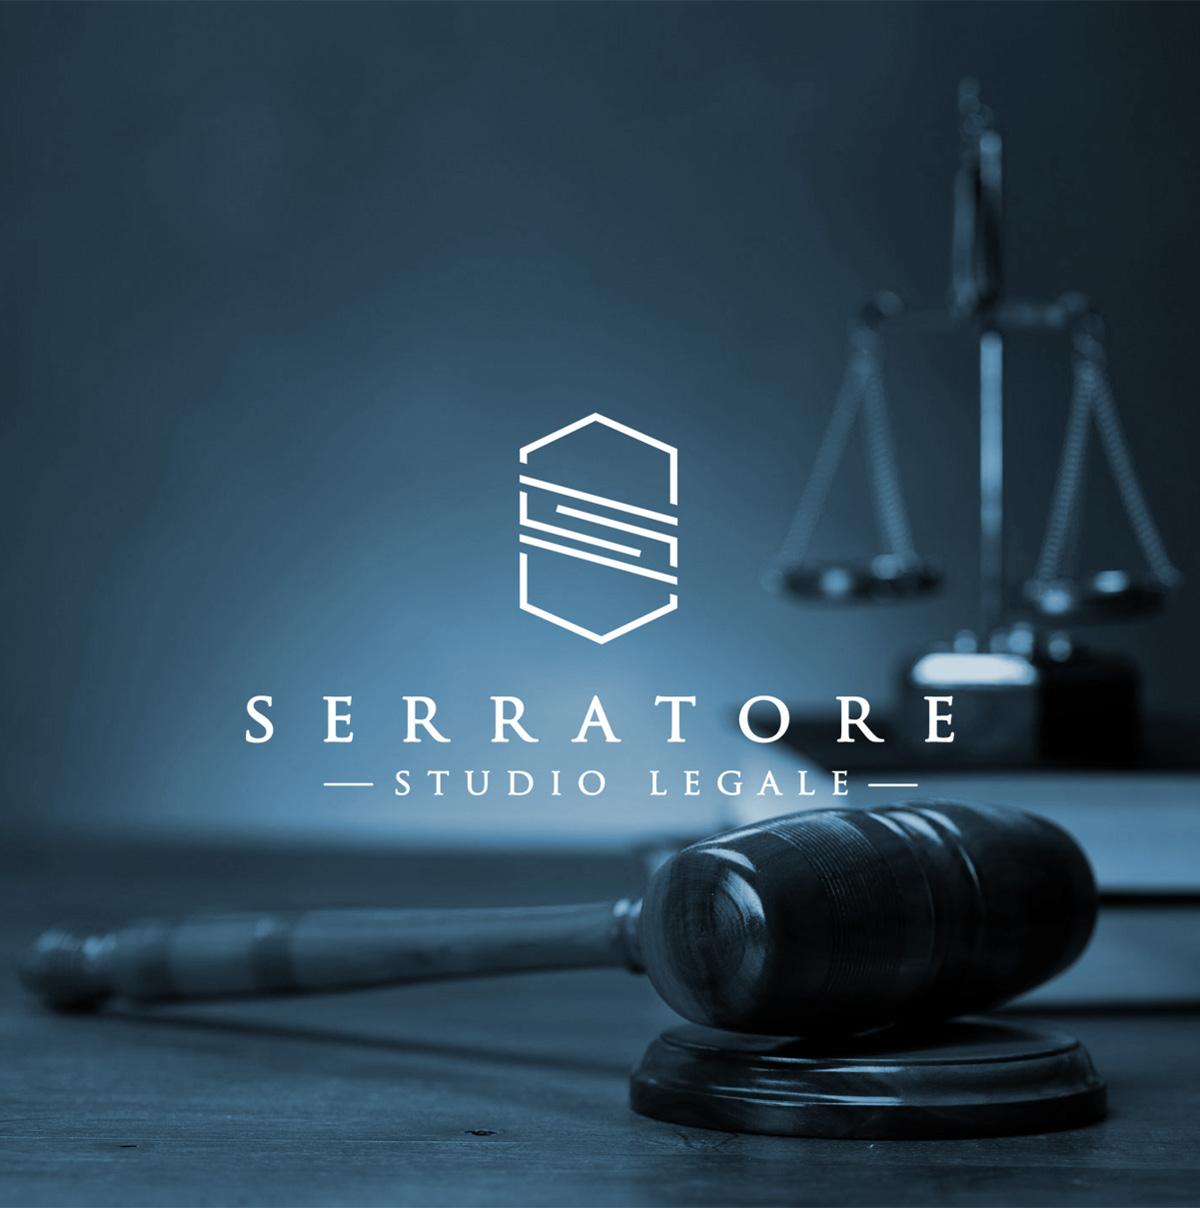 serratore_new_Tavola-disegno-1